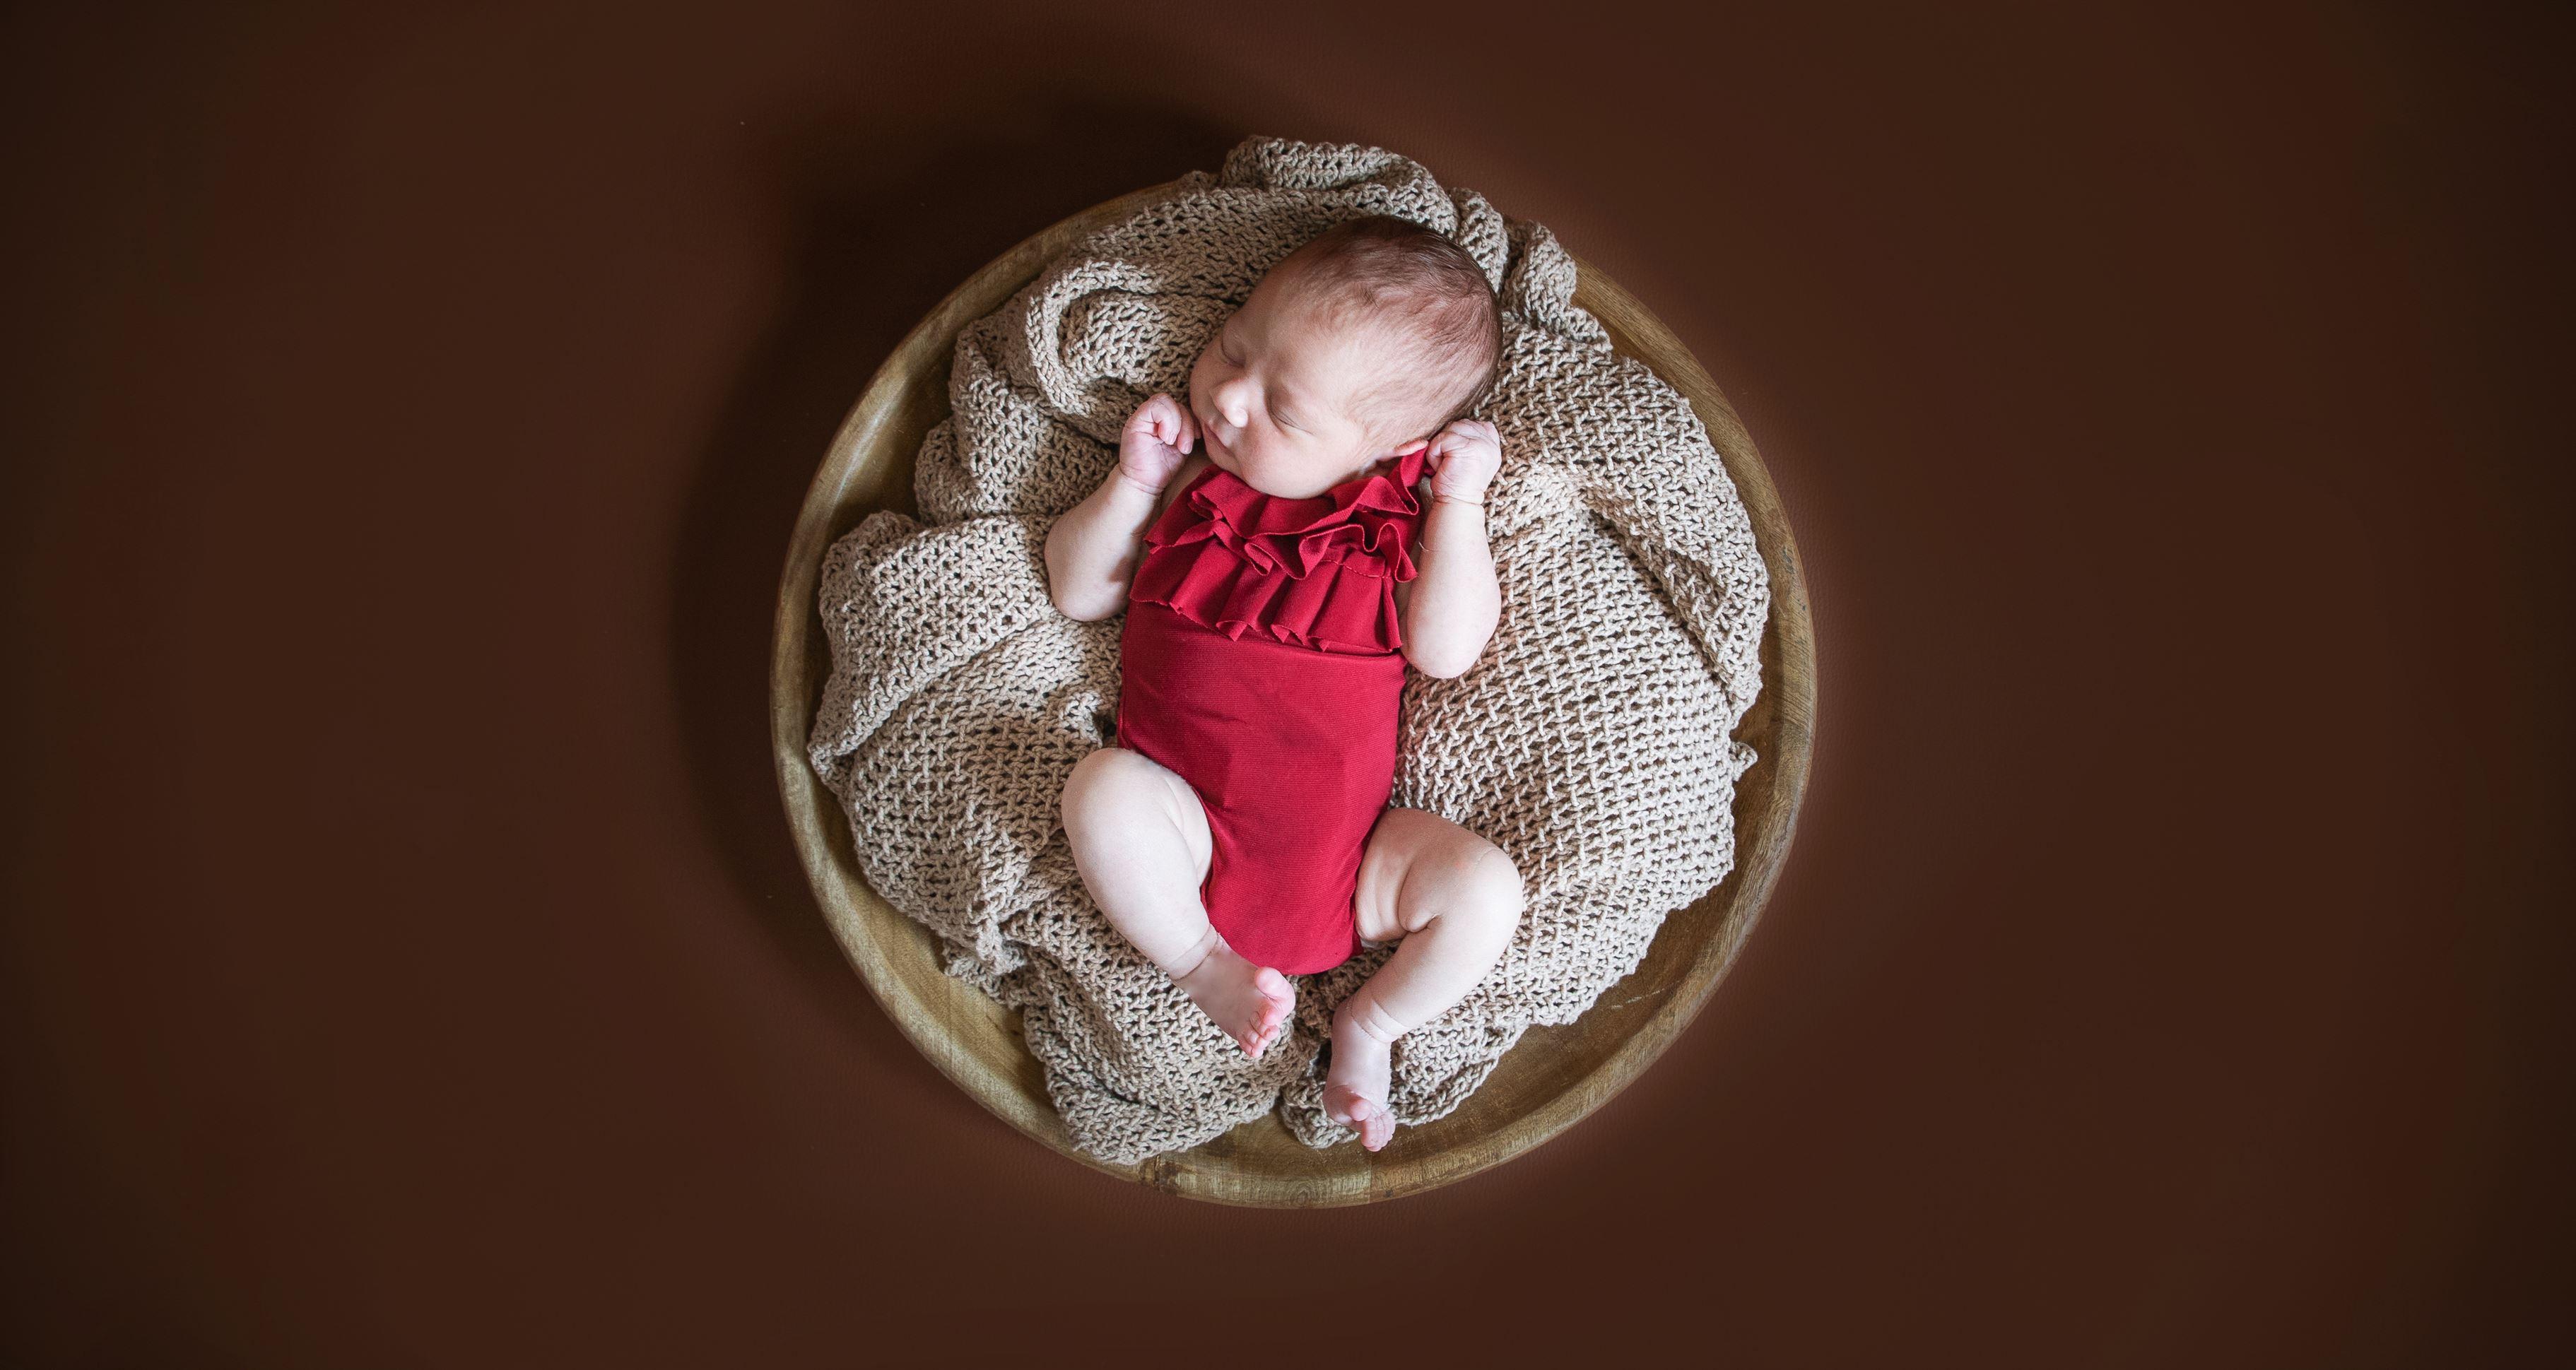 prestations/naissance/YP1cckSnxa.jpg